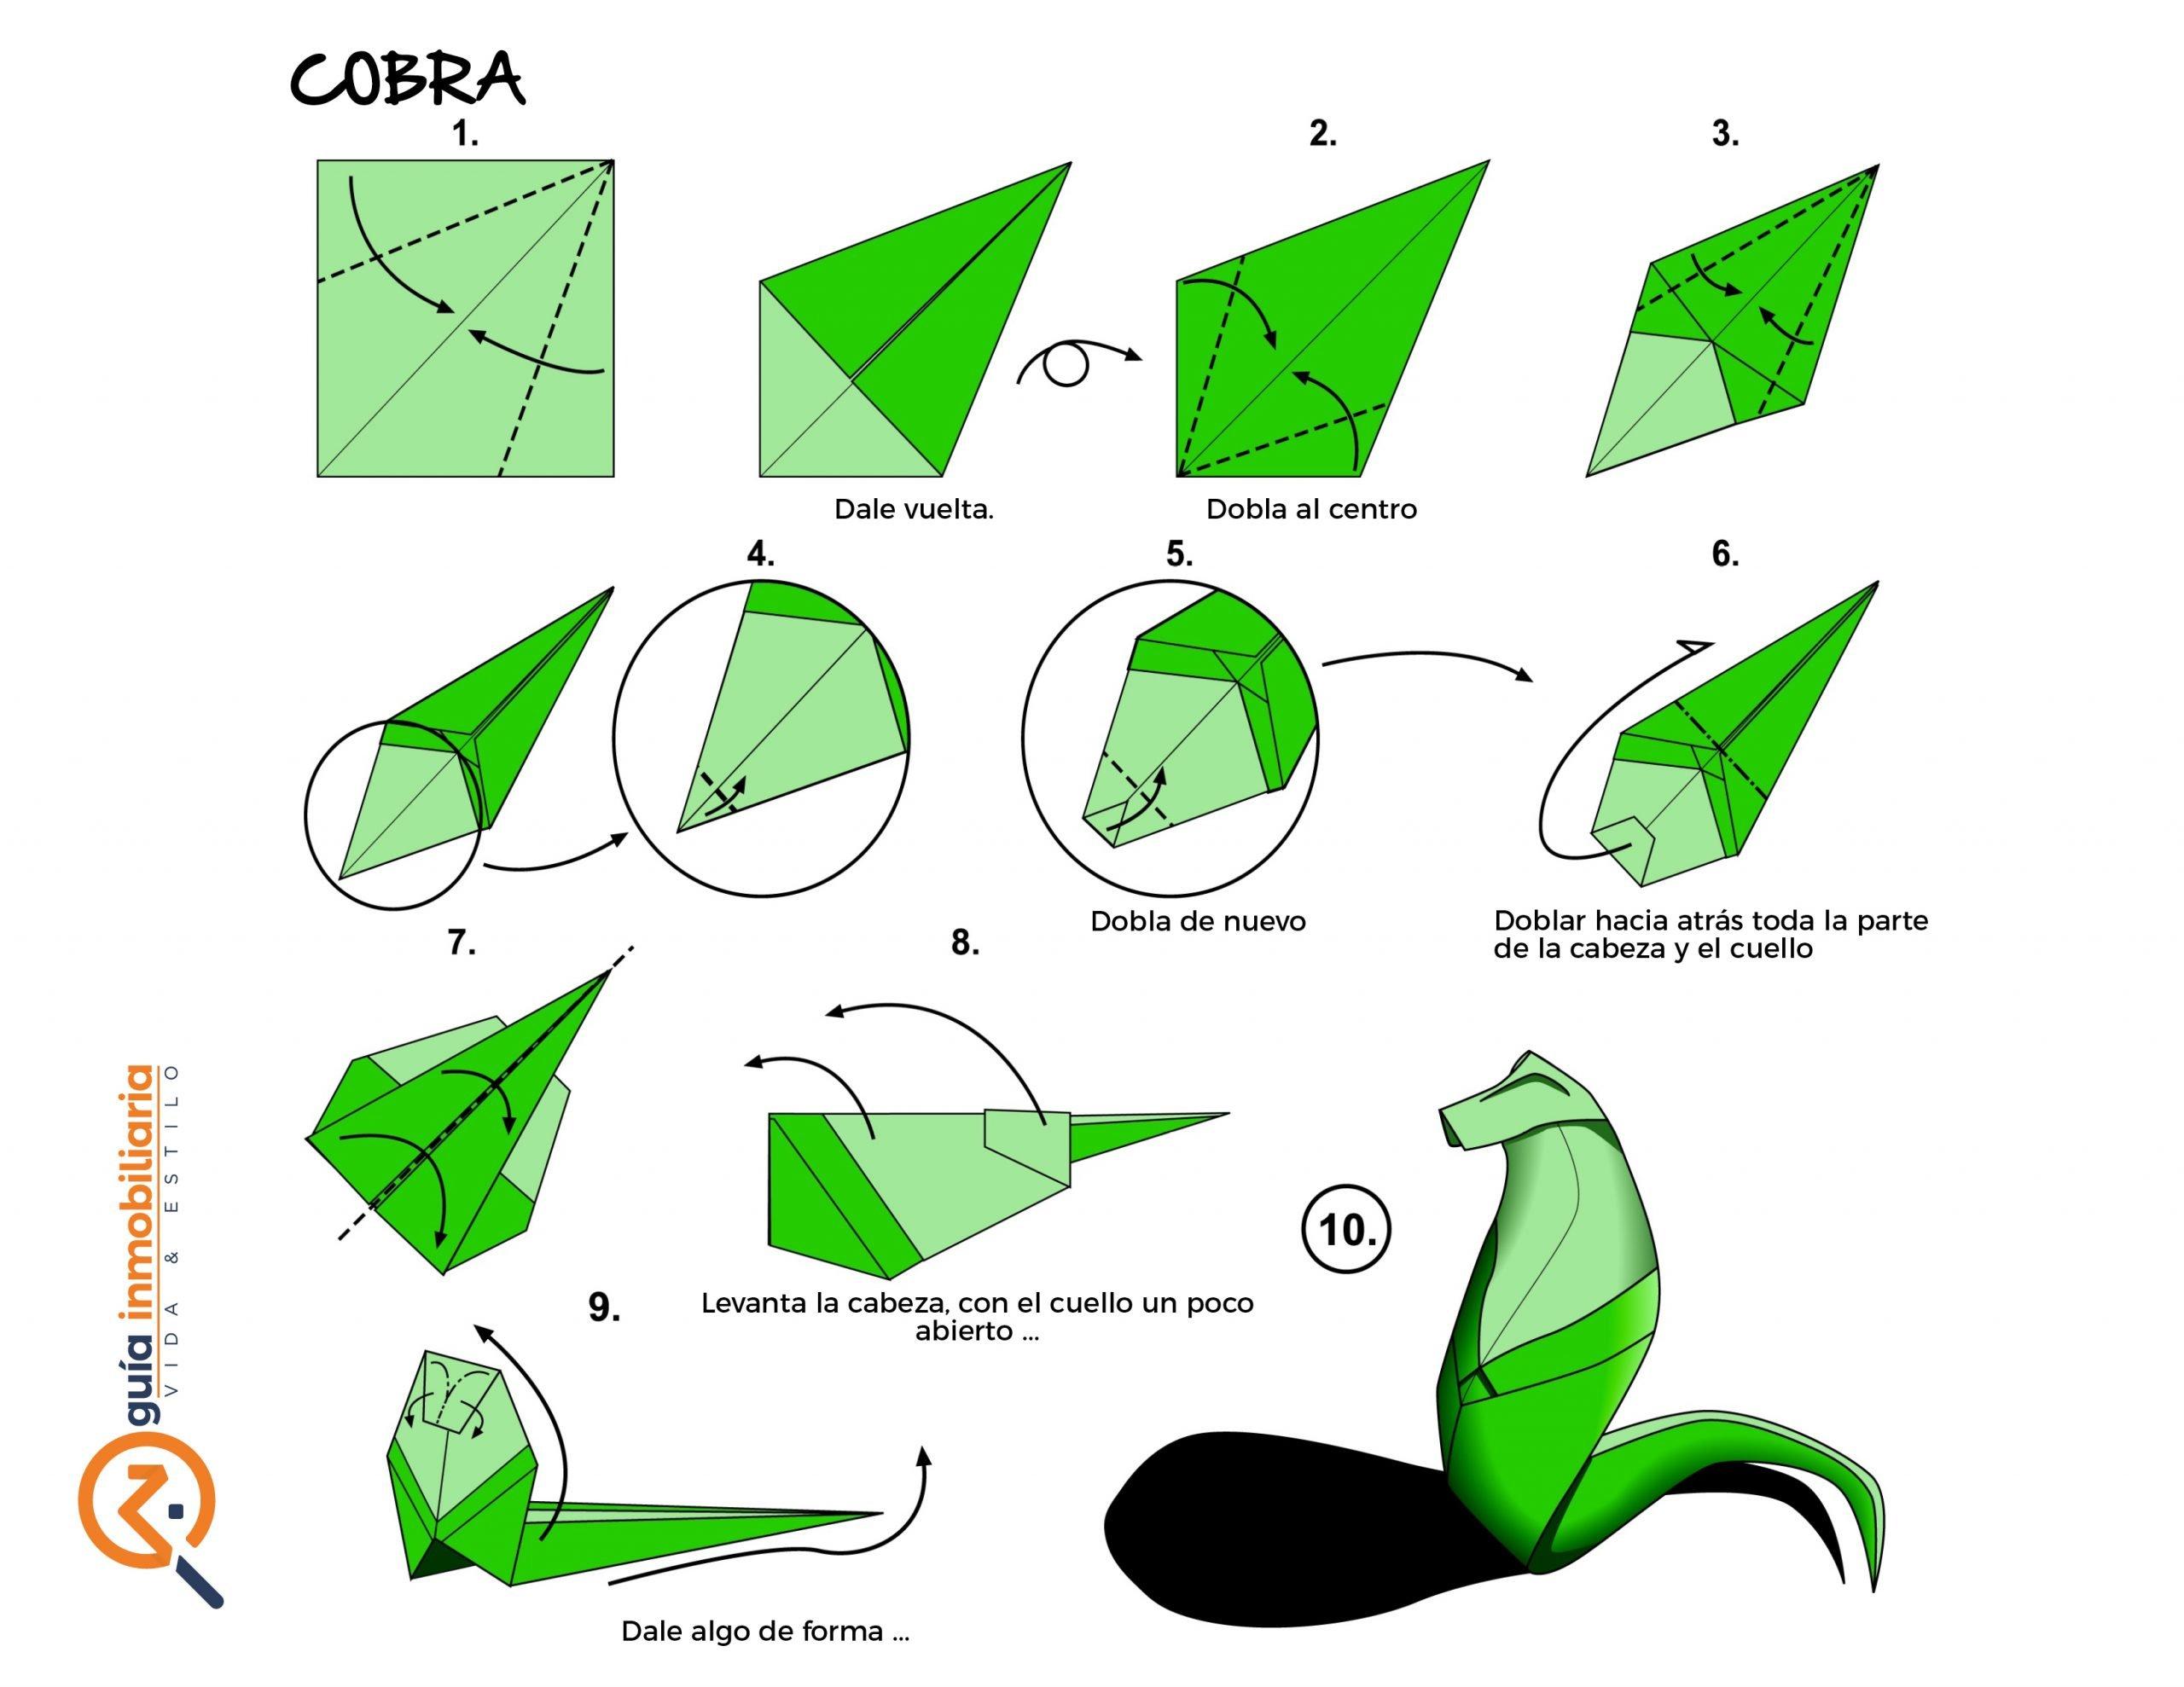 Origami paso a paso cobra